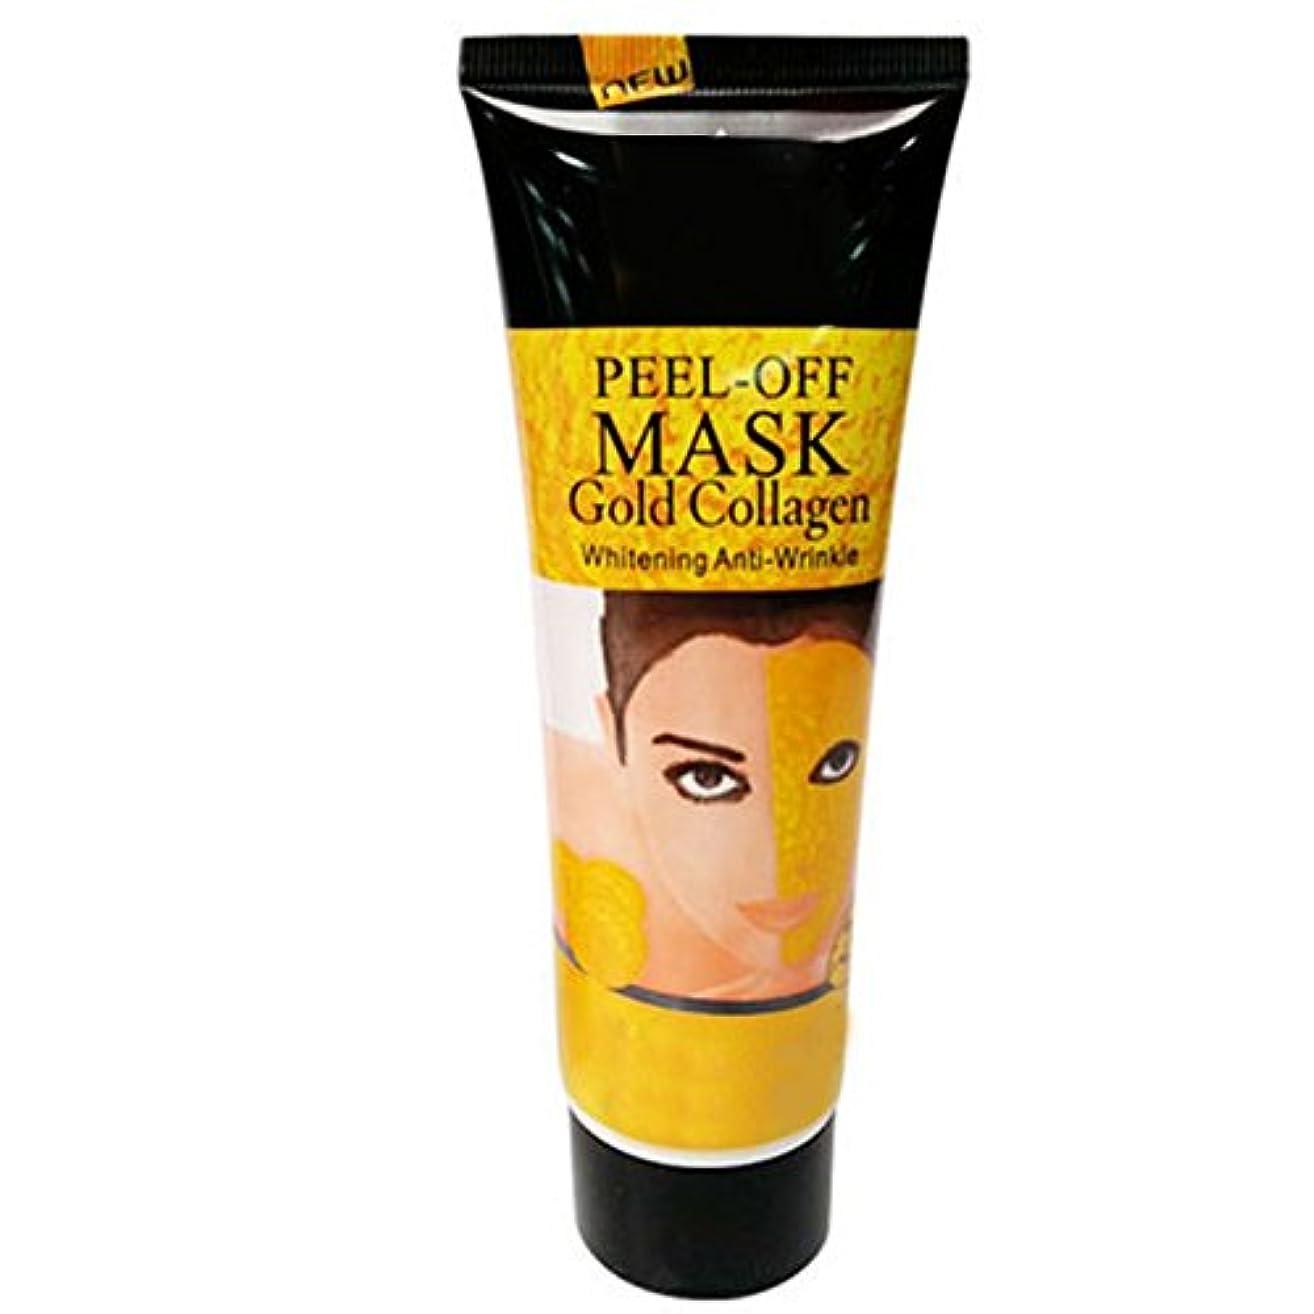 情報自然公園不明瞭Funwill 24Kゴールドマスク ゴールドコラーゲンパック アンチエイジングパック スキンケアマスク しわ、黒ずみ、しみなどを除き たるみ肌改善 くすみ改善 しっかりしている肌に戻る